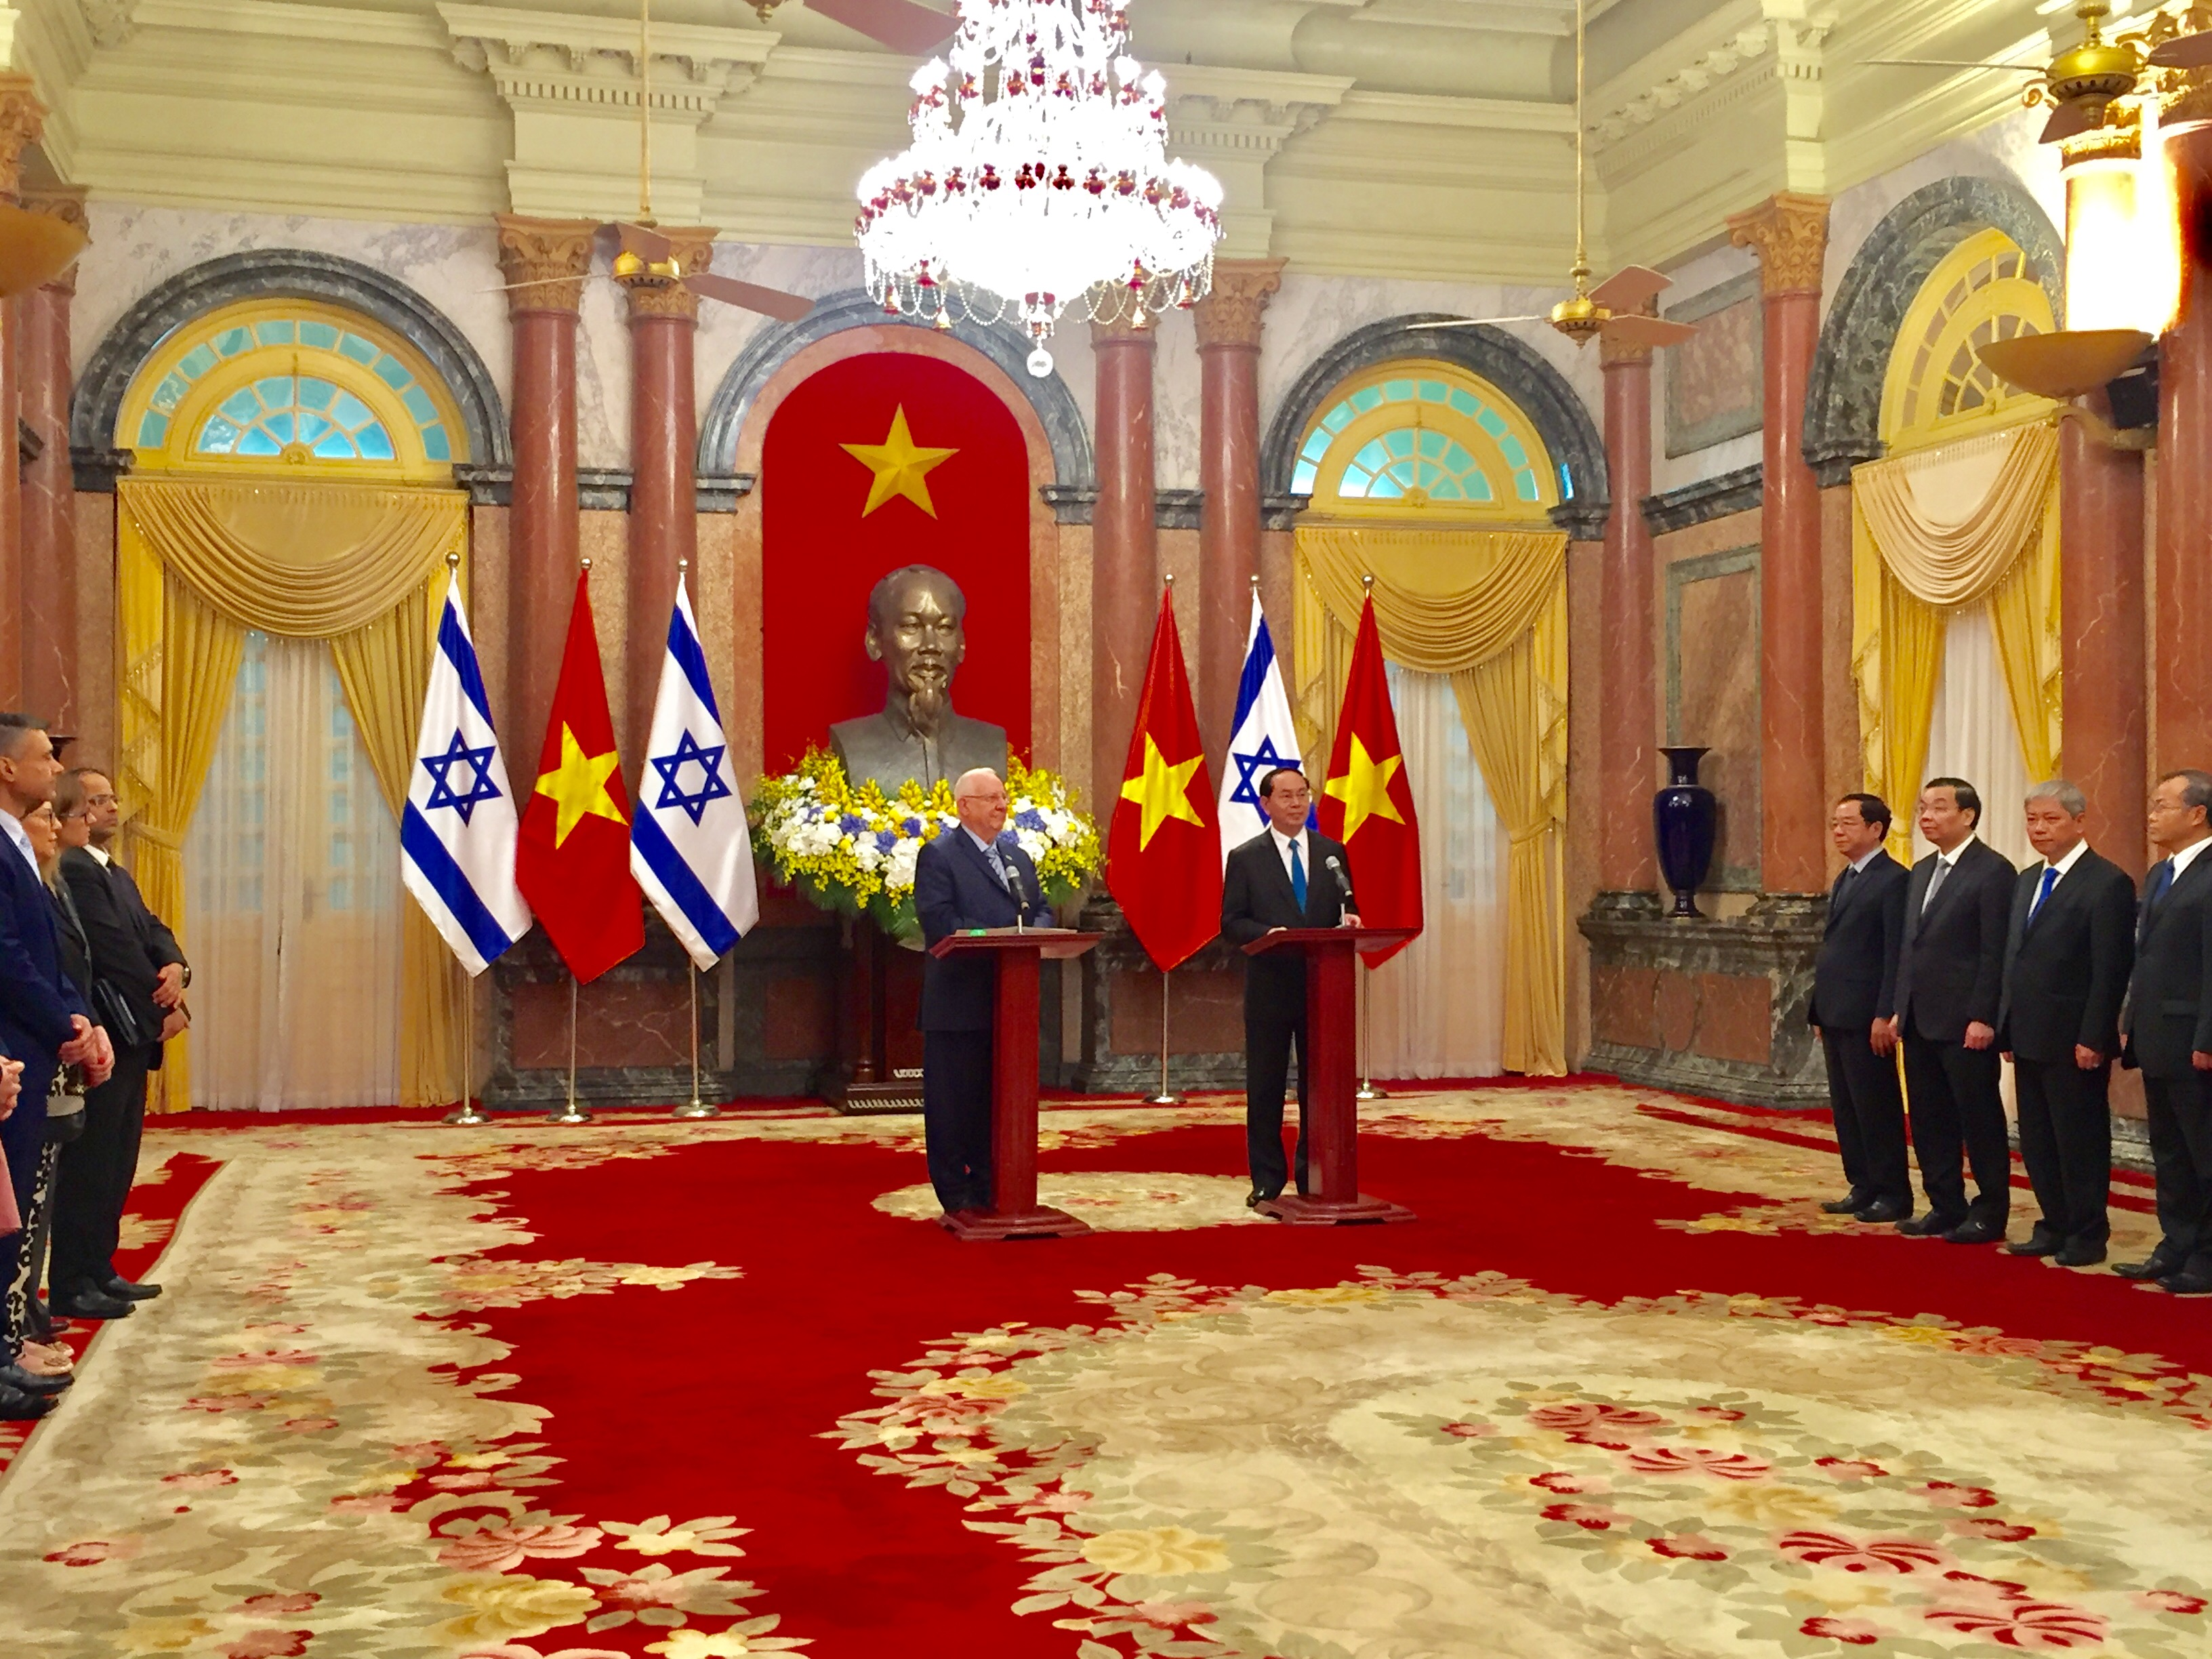 вьетнам и израиль отдают приоритет экономическому и научно-технологическому сотрудничеству hinh 2